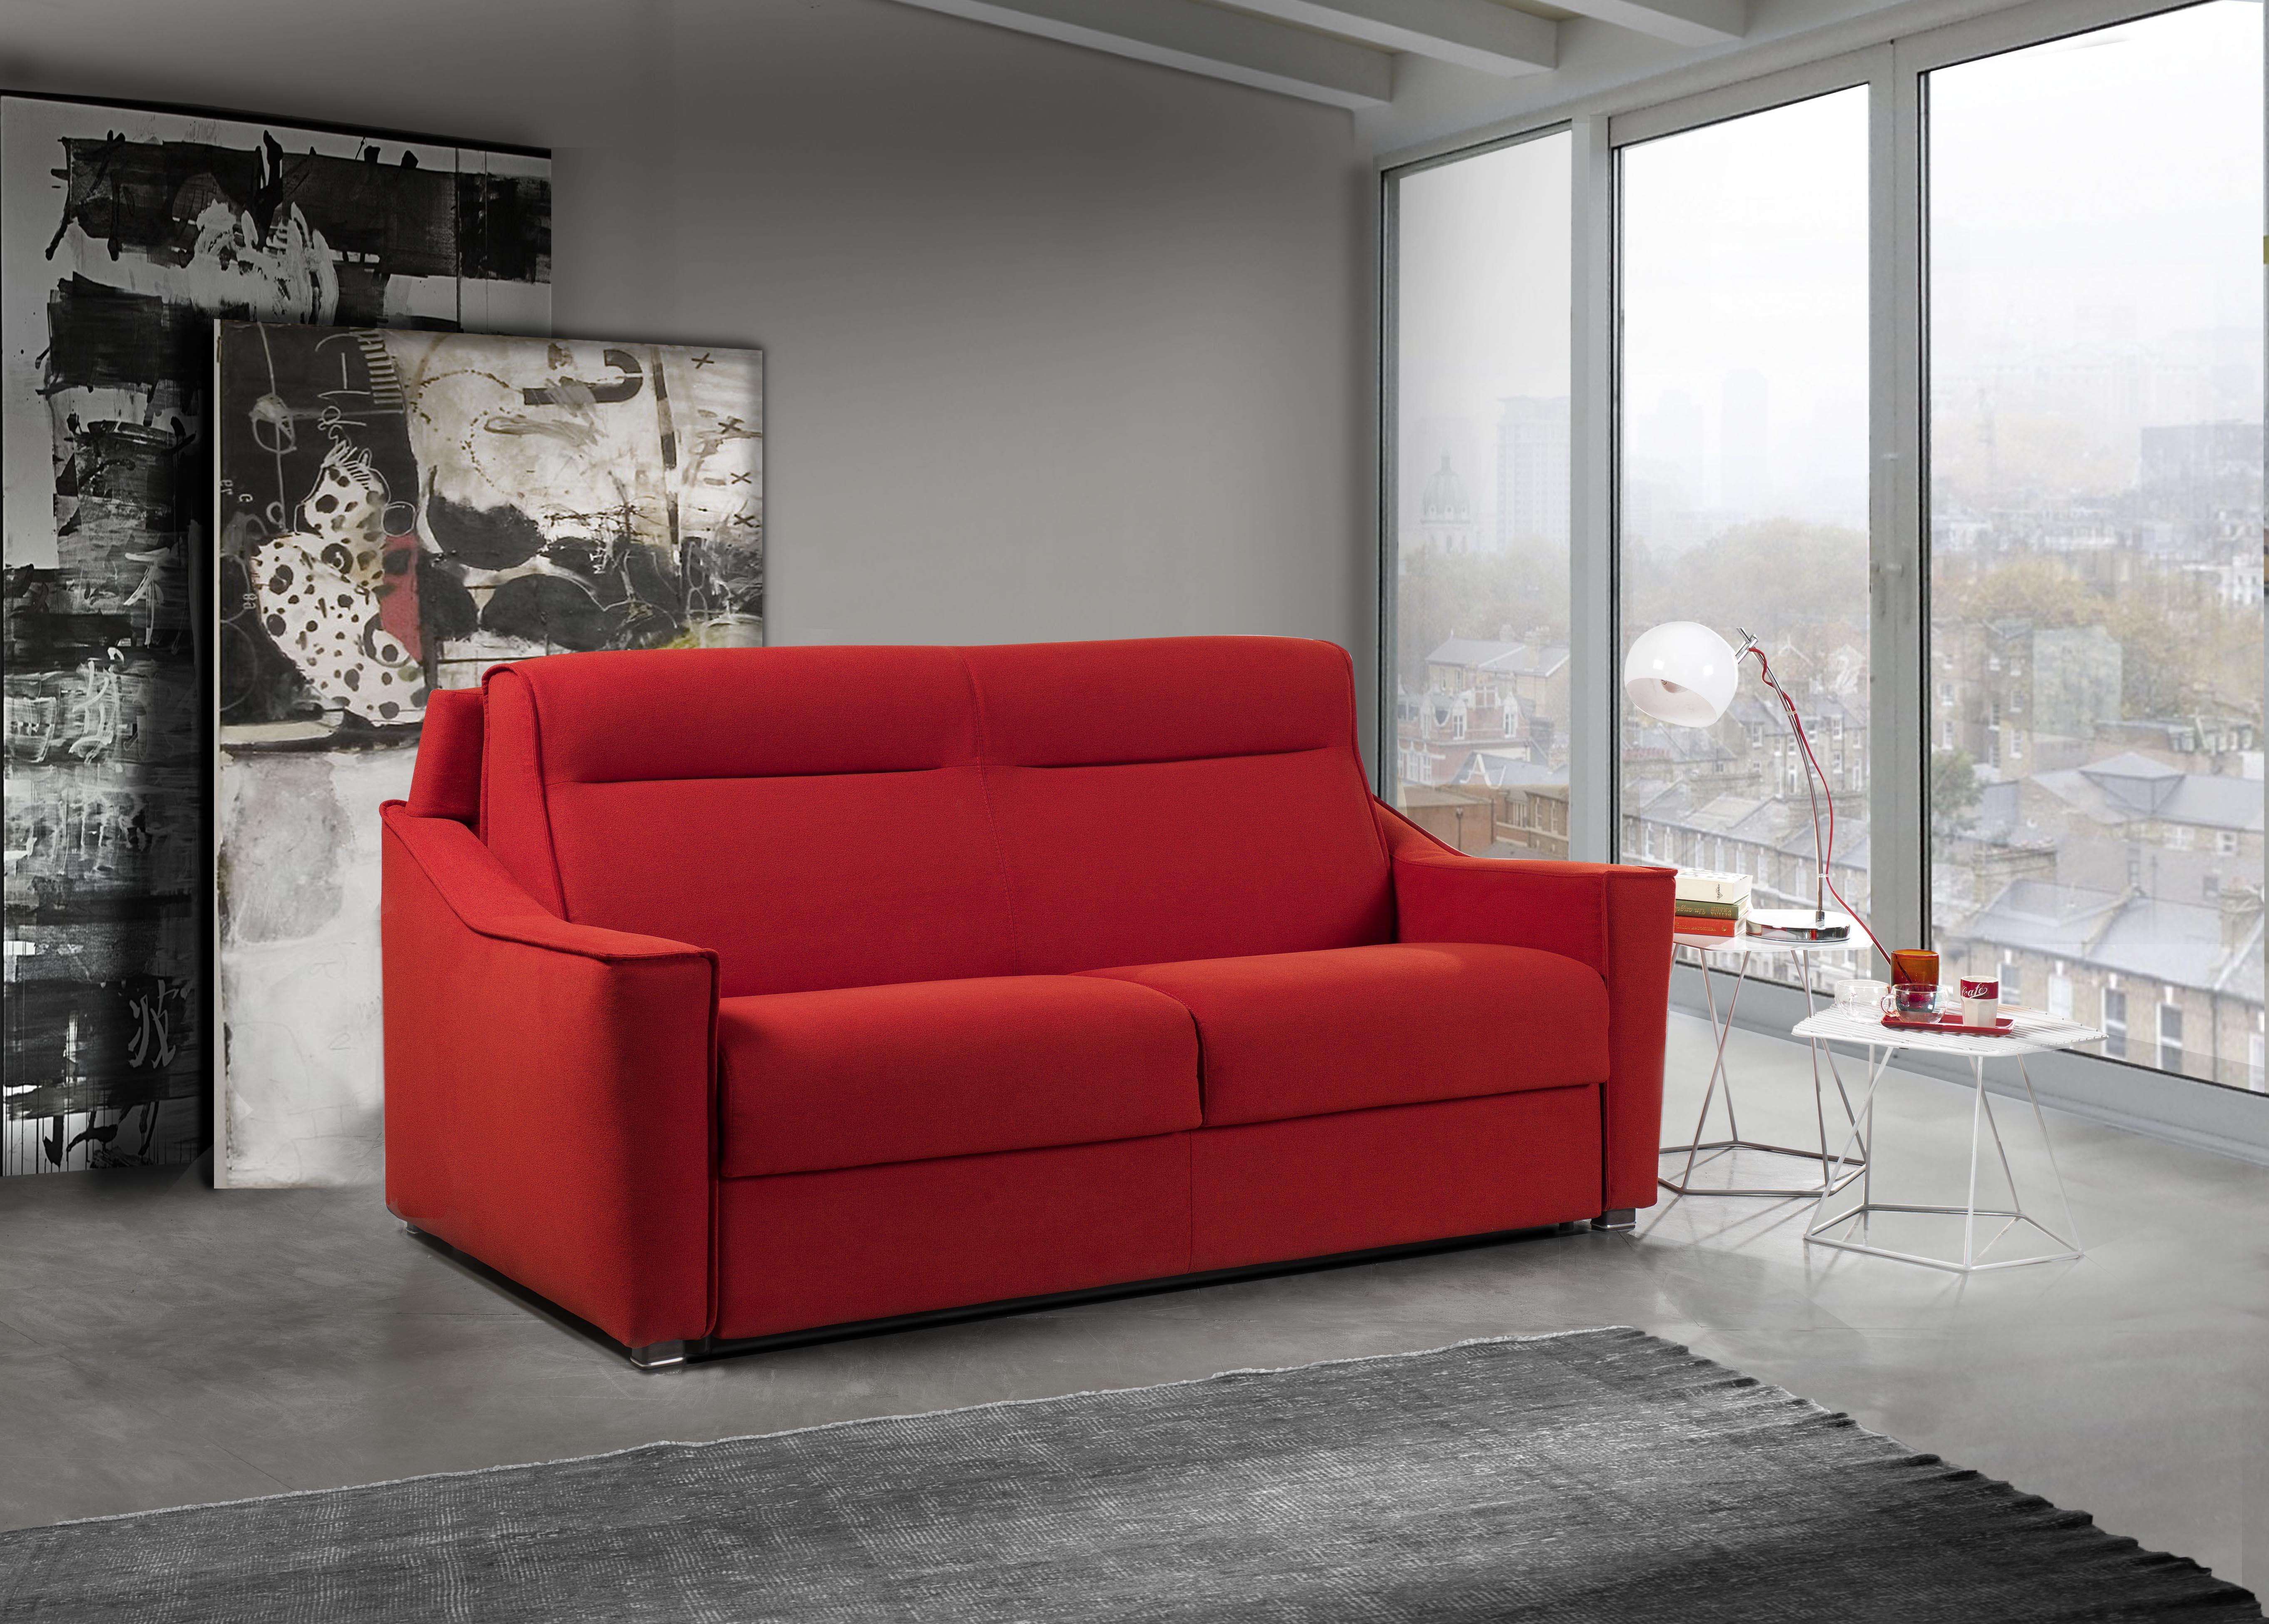 vista di un divano rosso con arredamenti